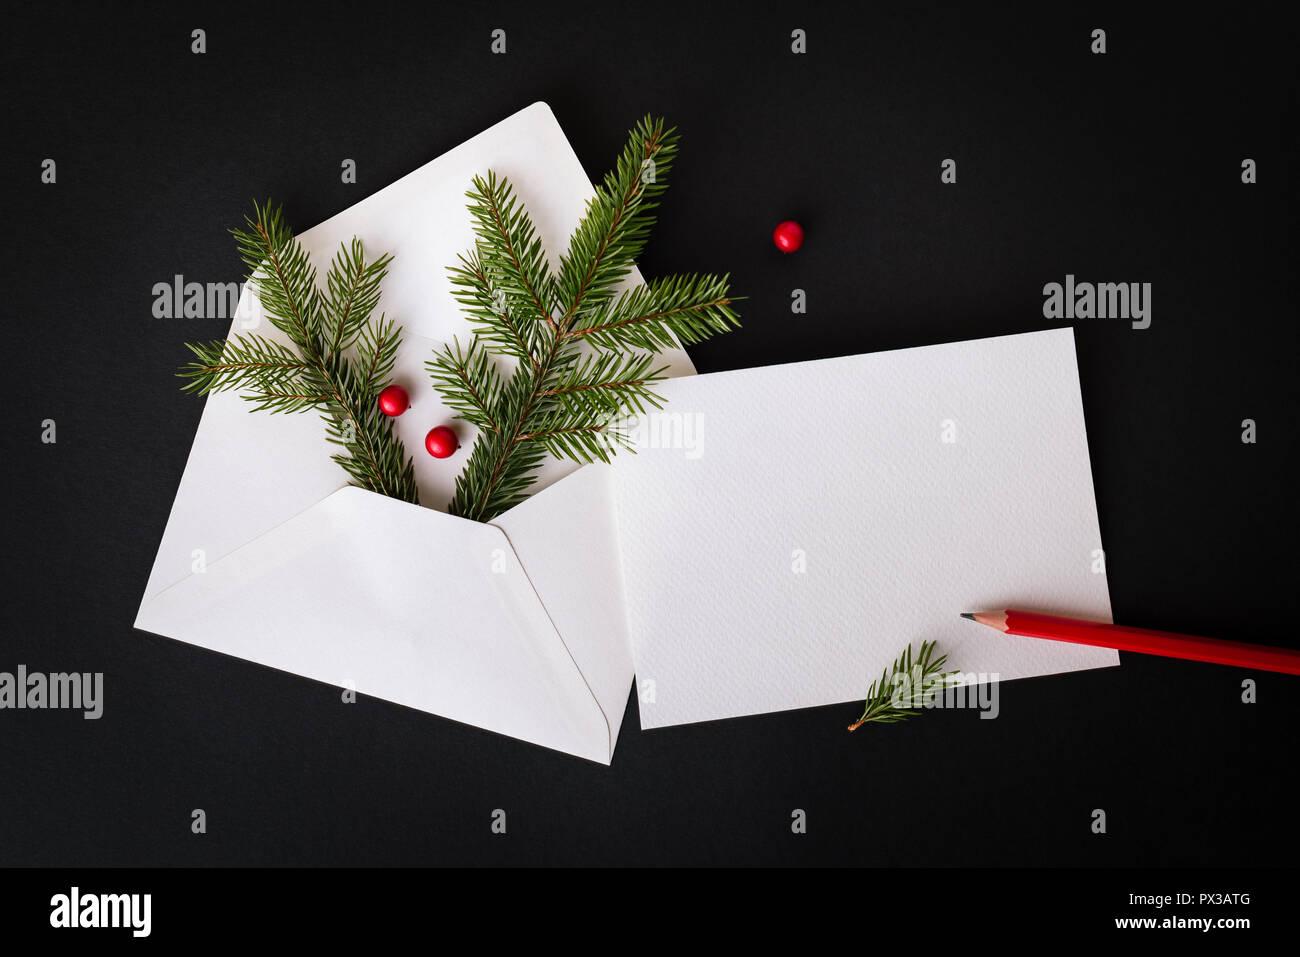 Carta De Felicitaciones De Navidad Y Ano Nuevo.Navidad O Ano Nuevo Carta De Felicitacion Decoracion Con